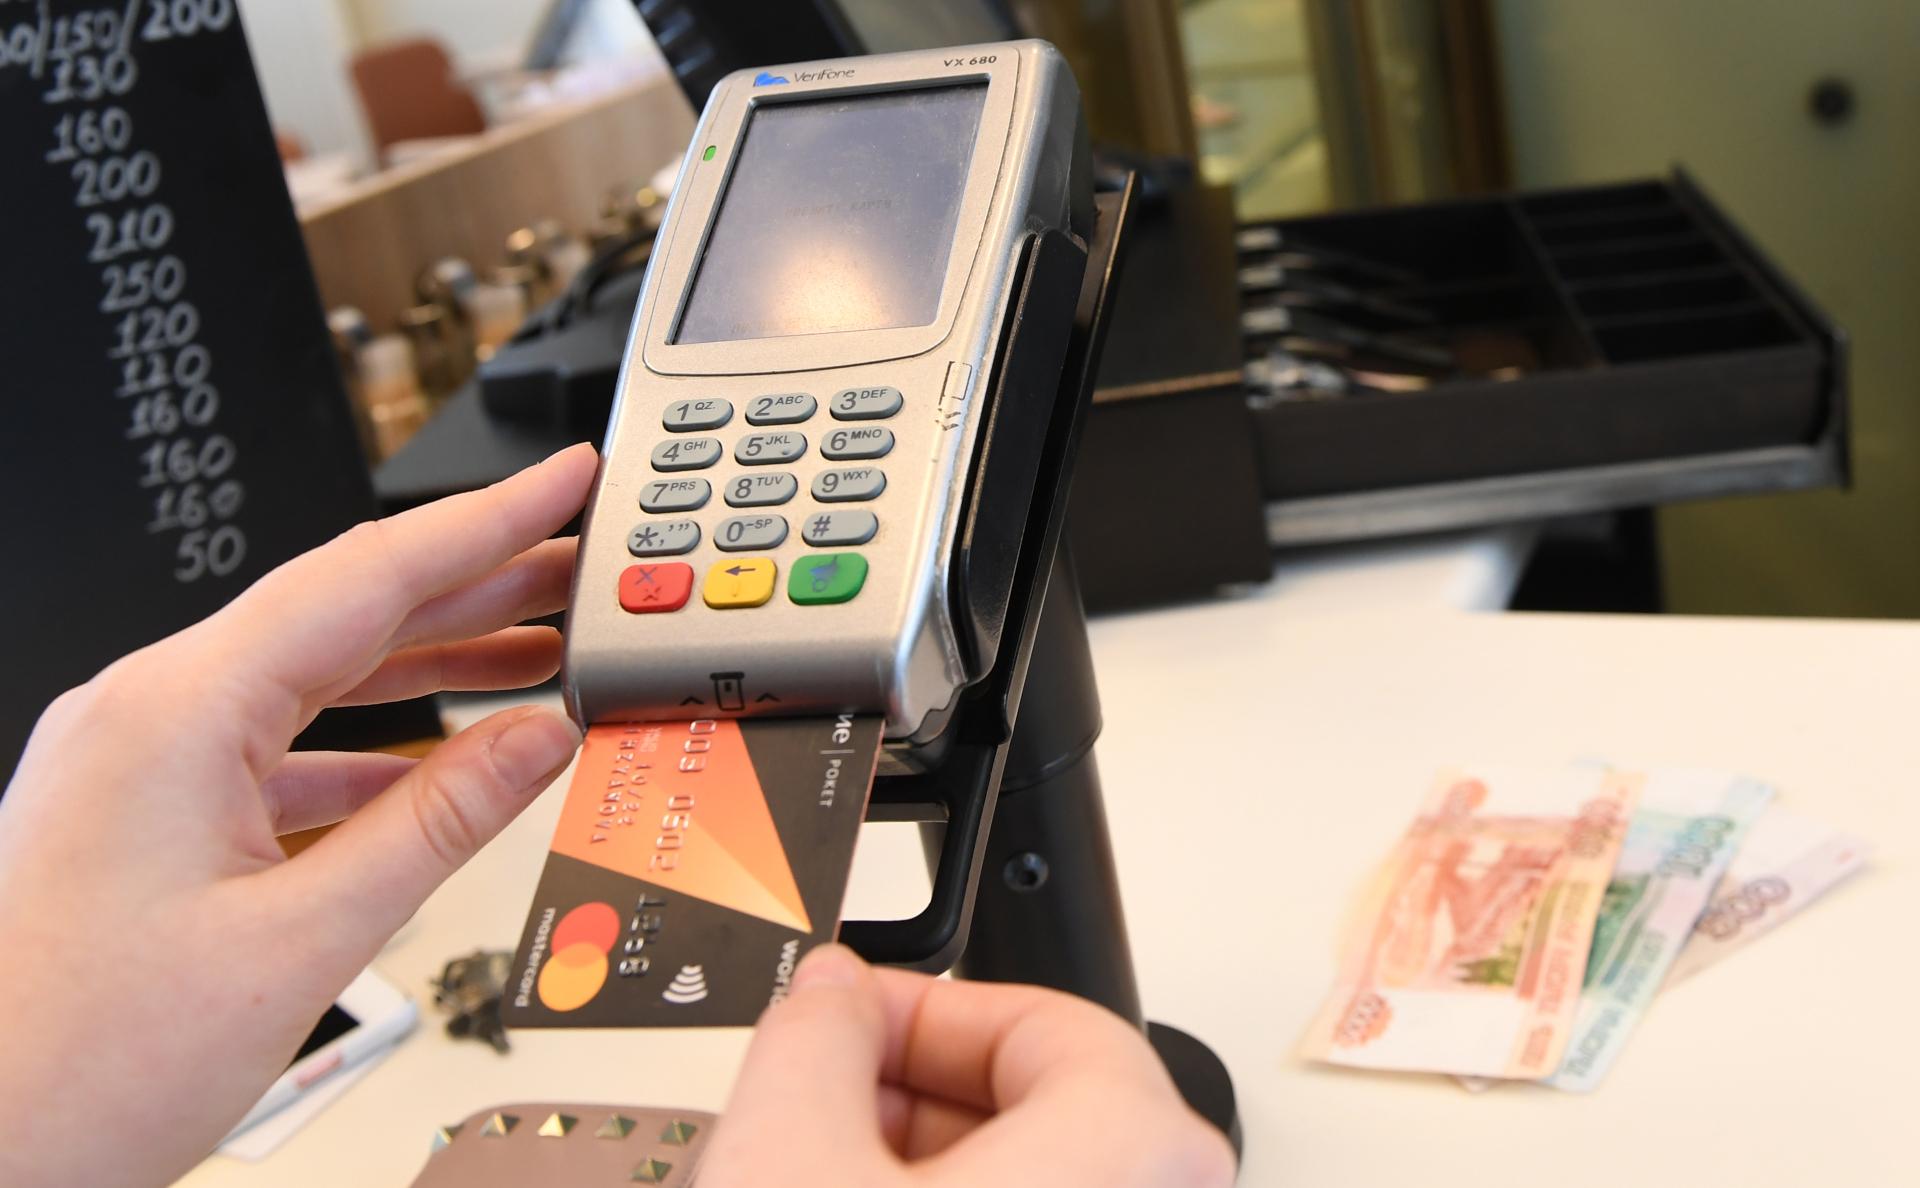 альфа-банк кредит наличными онлайн заявка пермь